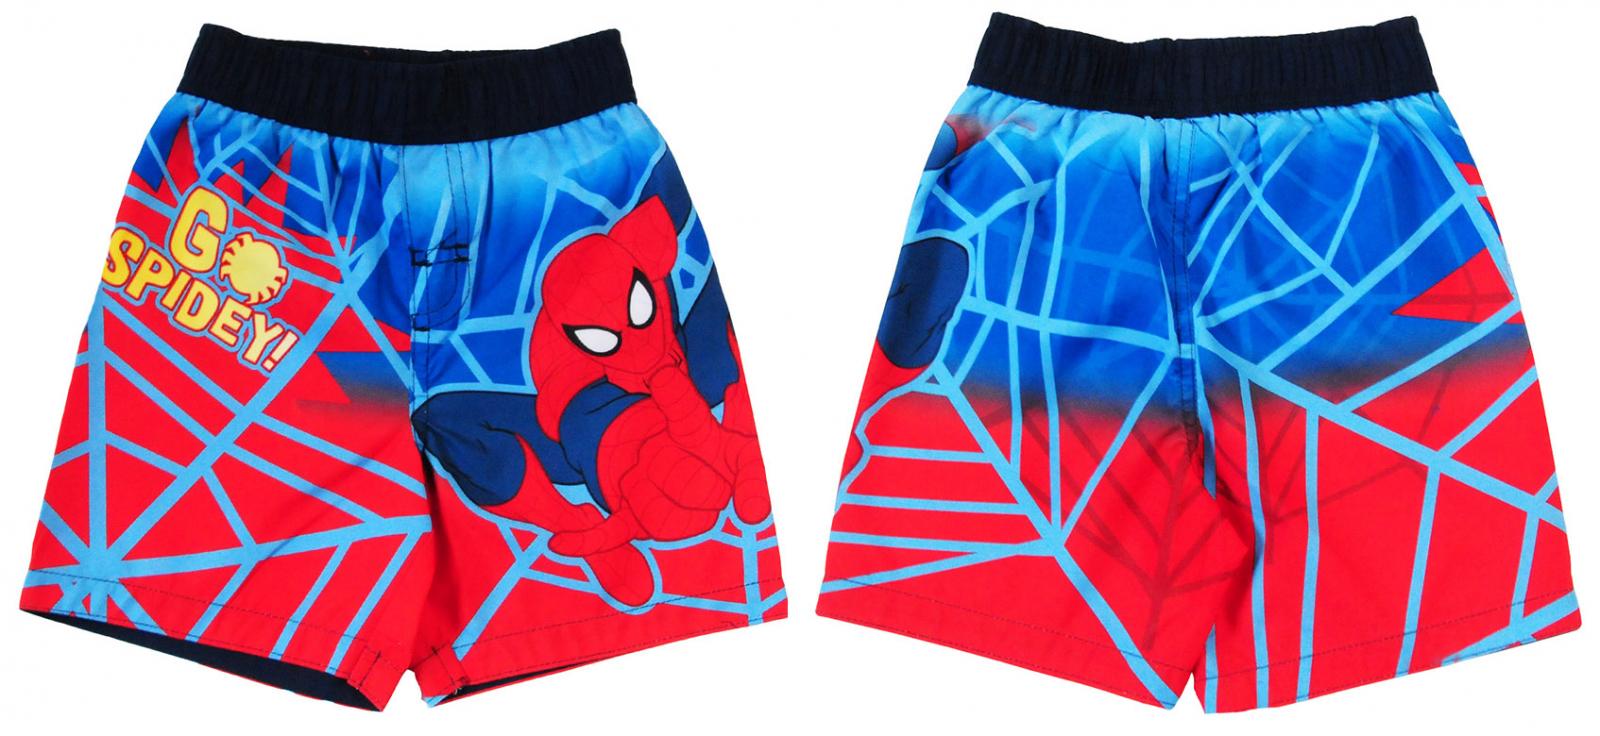 Заказать шорты Человек-паук